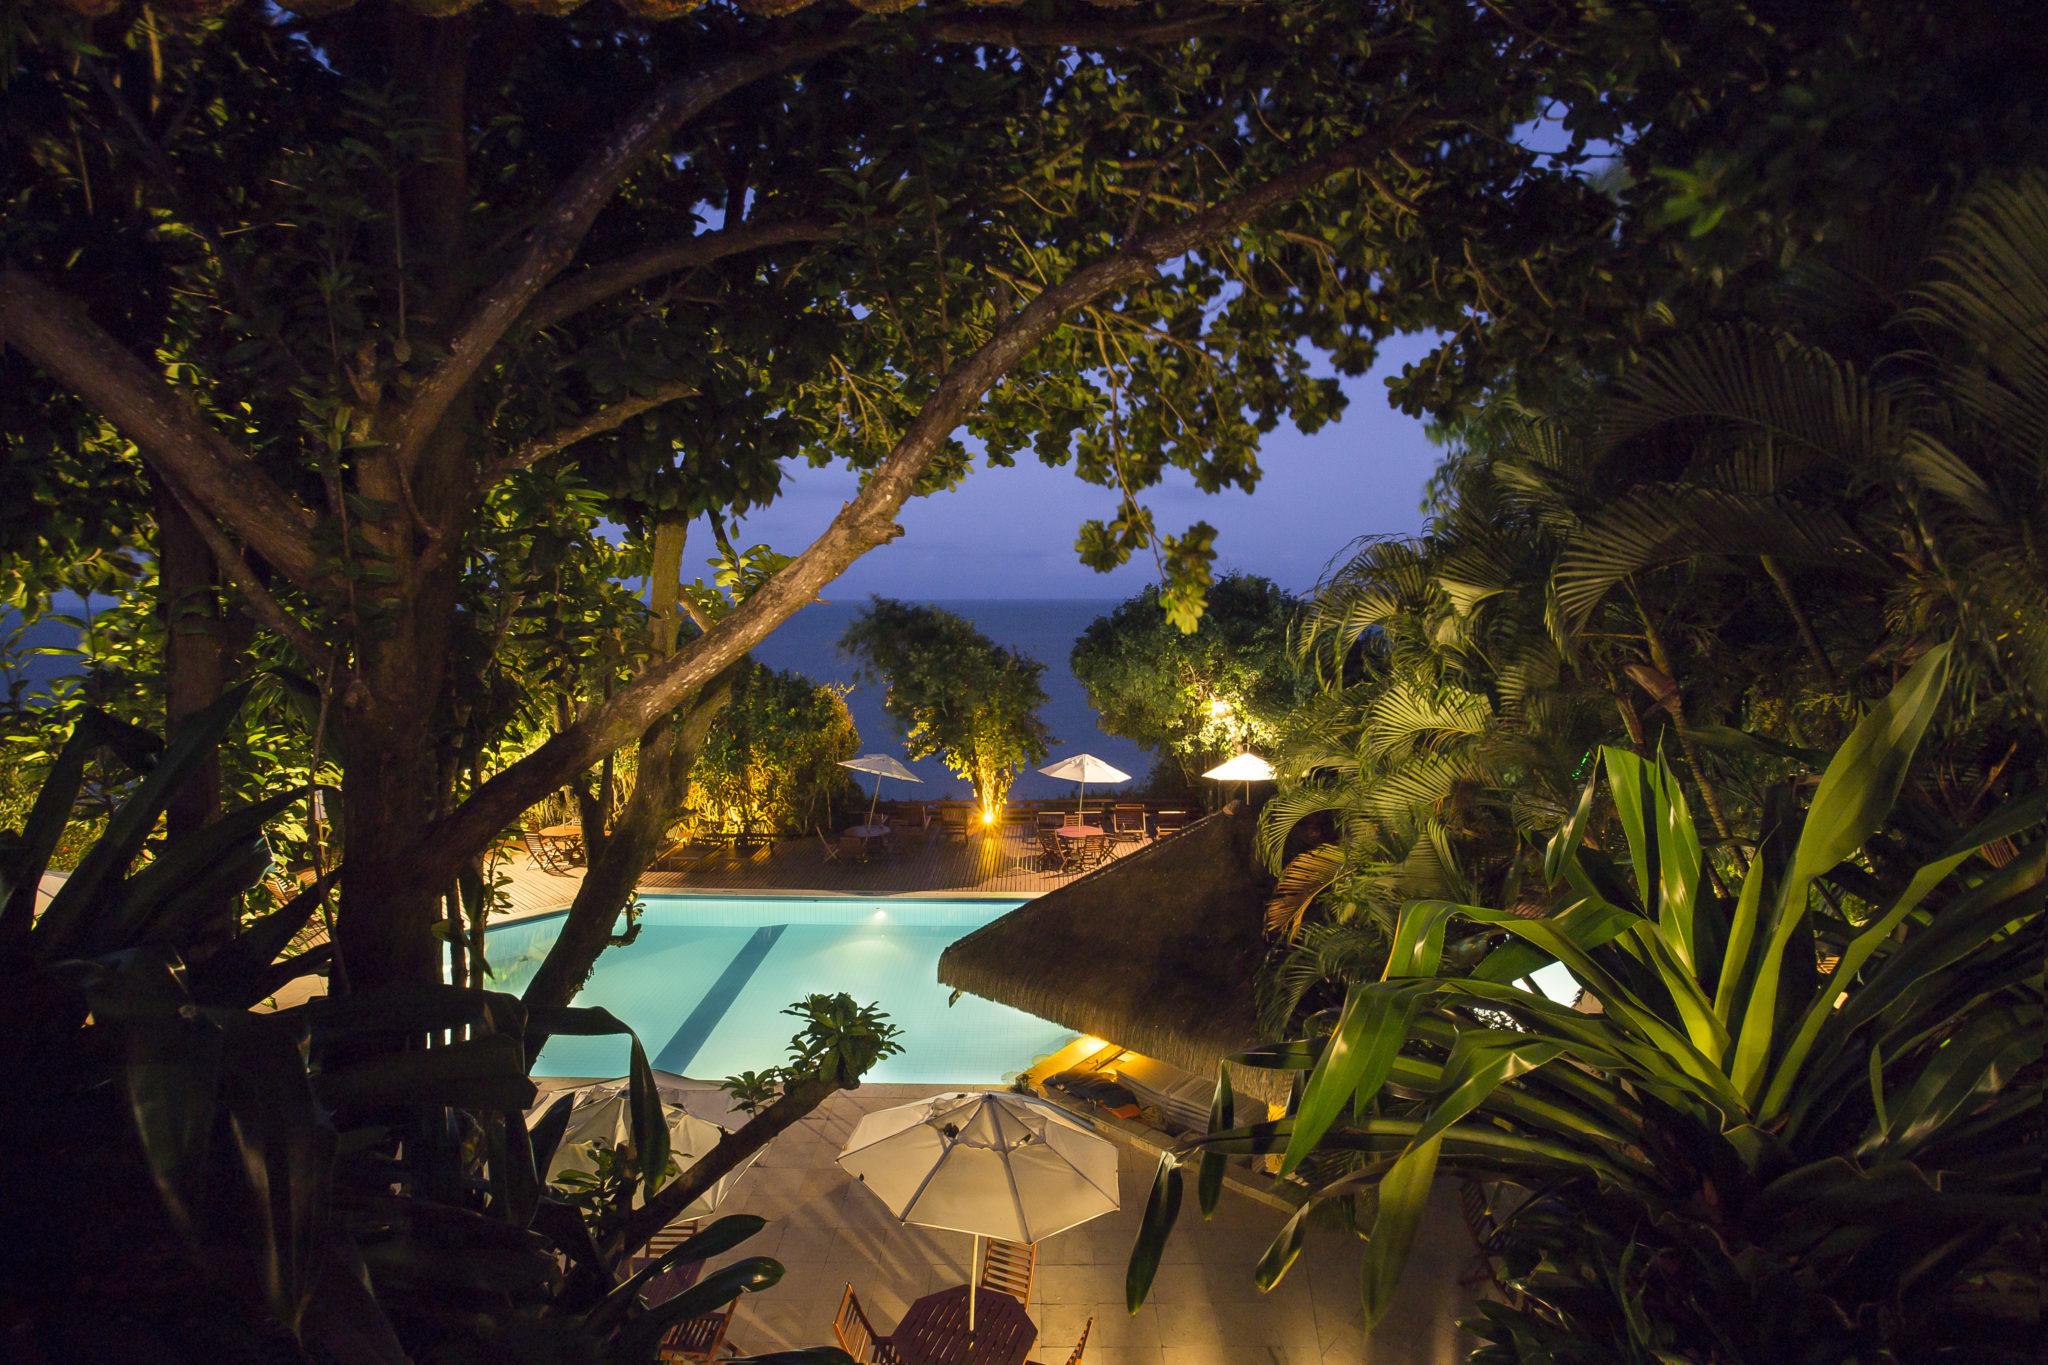 O Melhor Hotel 4 estrelas do Brasil